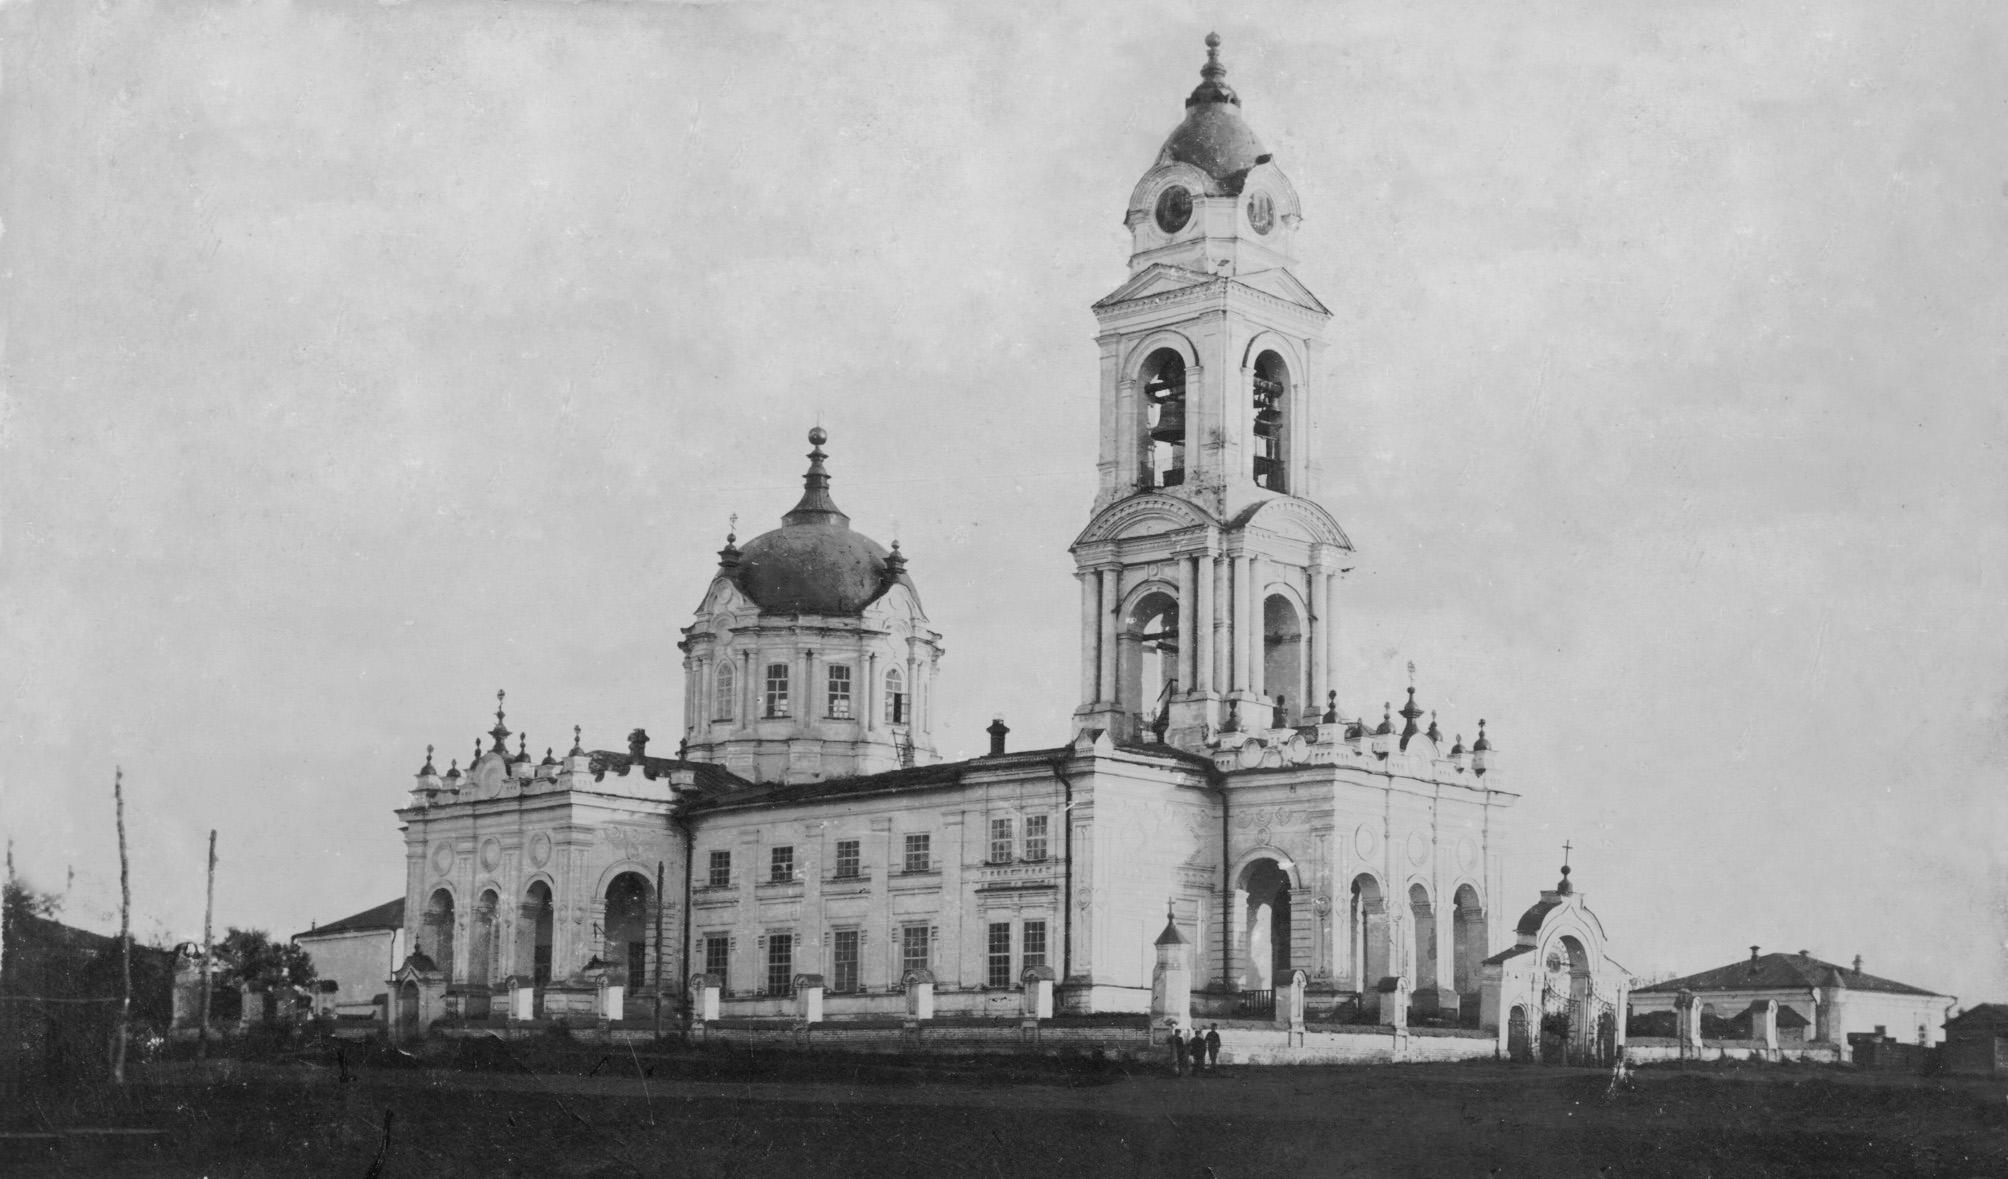 Покровский собор, вид со стороны тюрьмы ДДТ  - Чембар_Покровский_собор_3.jpg